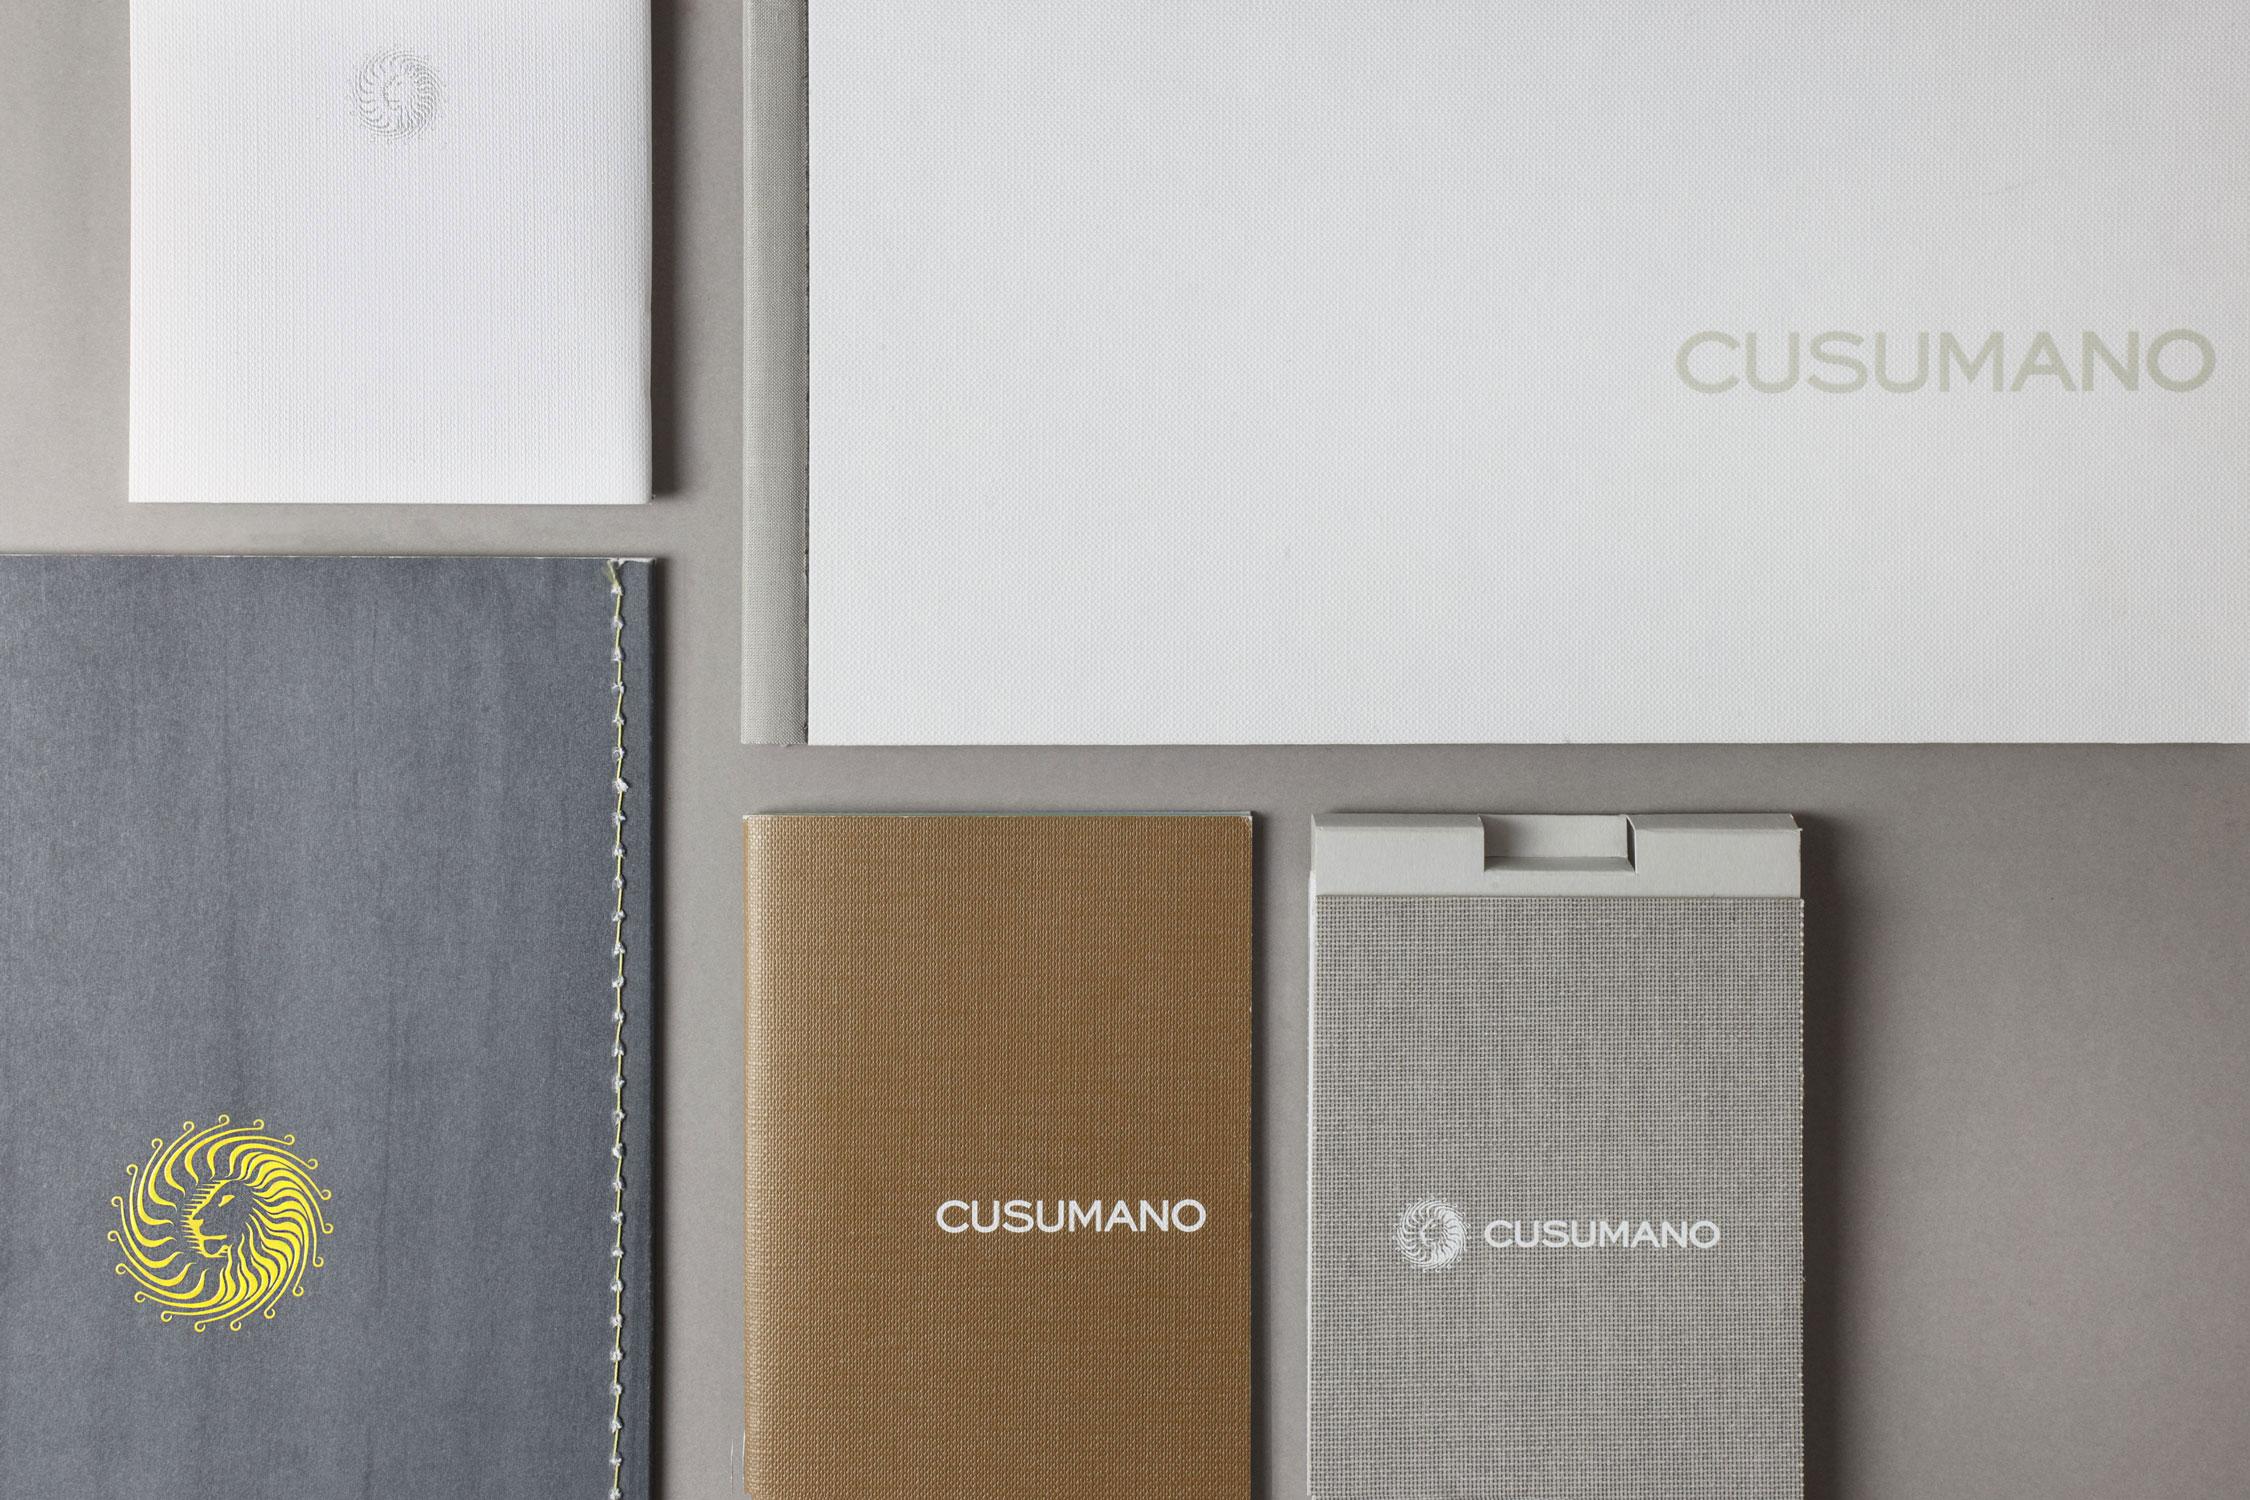 cusumano_atelier790_5782